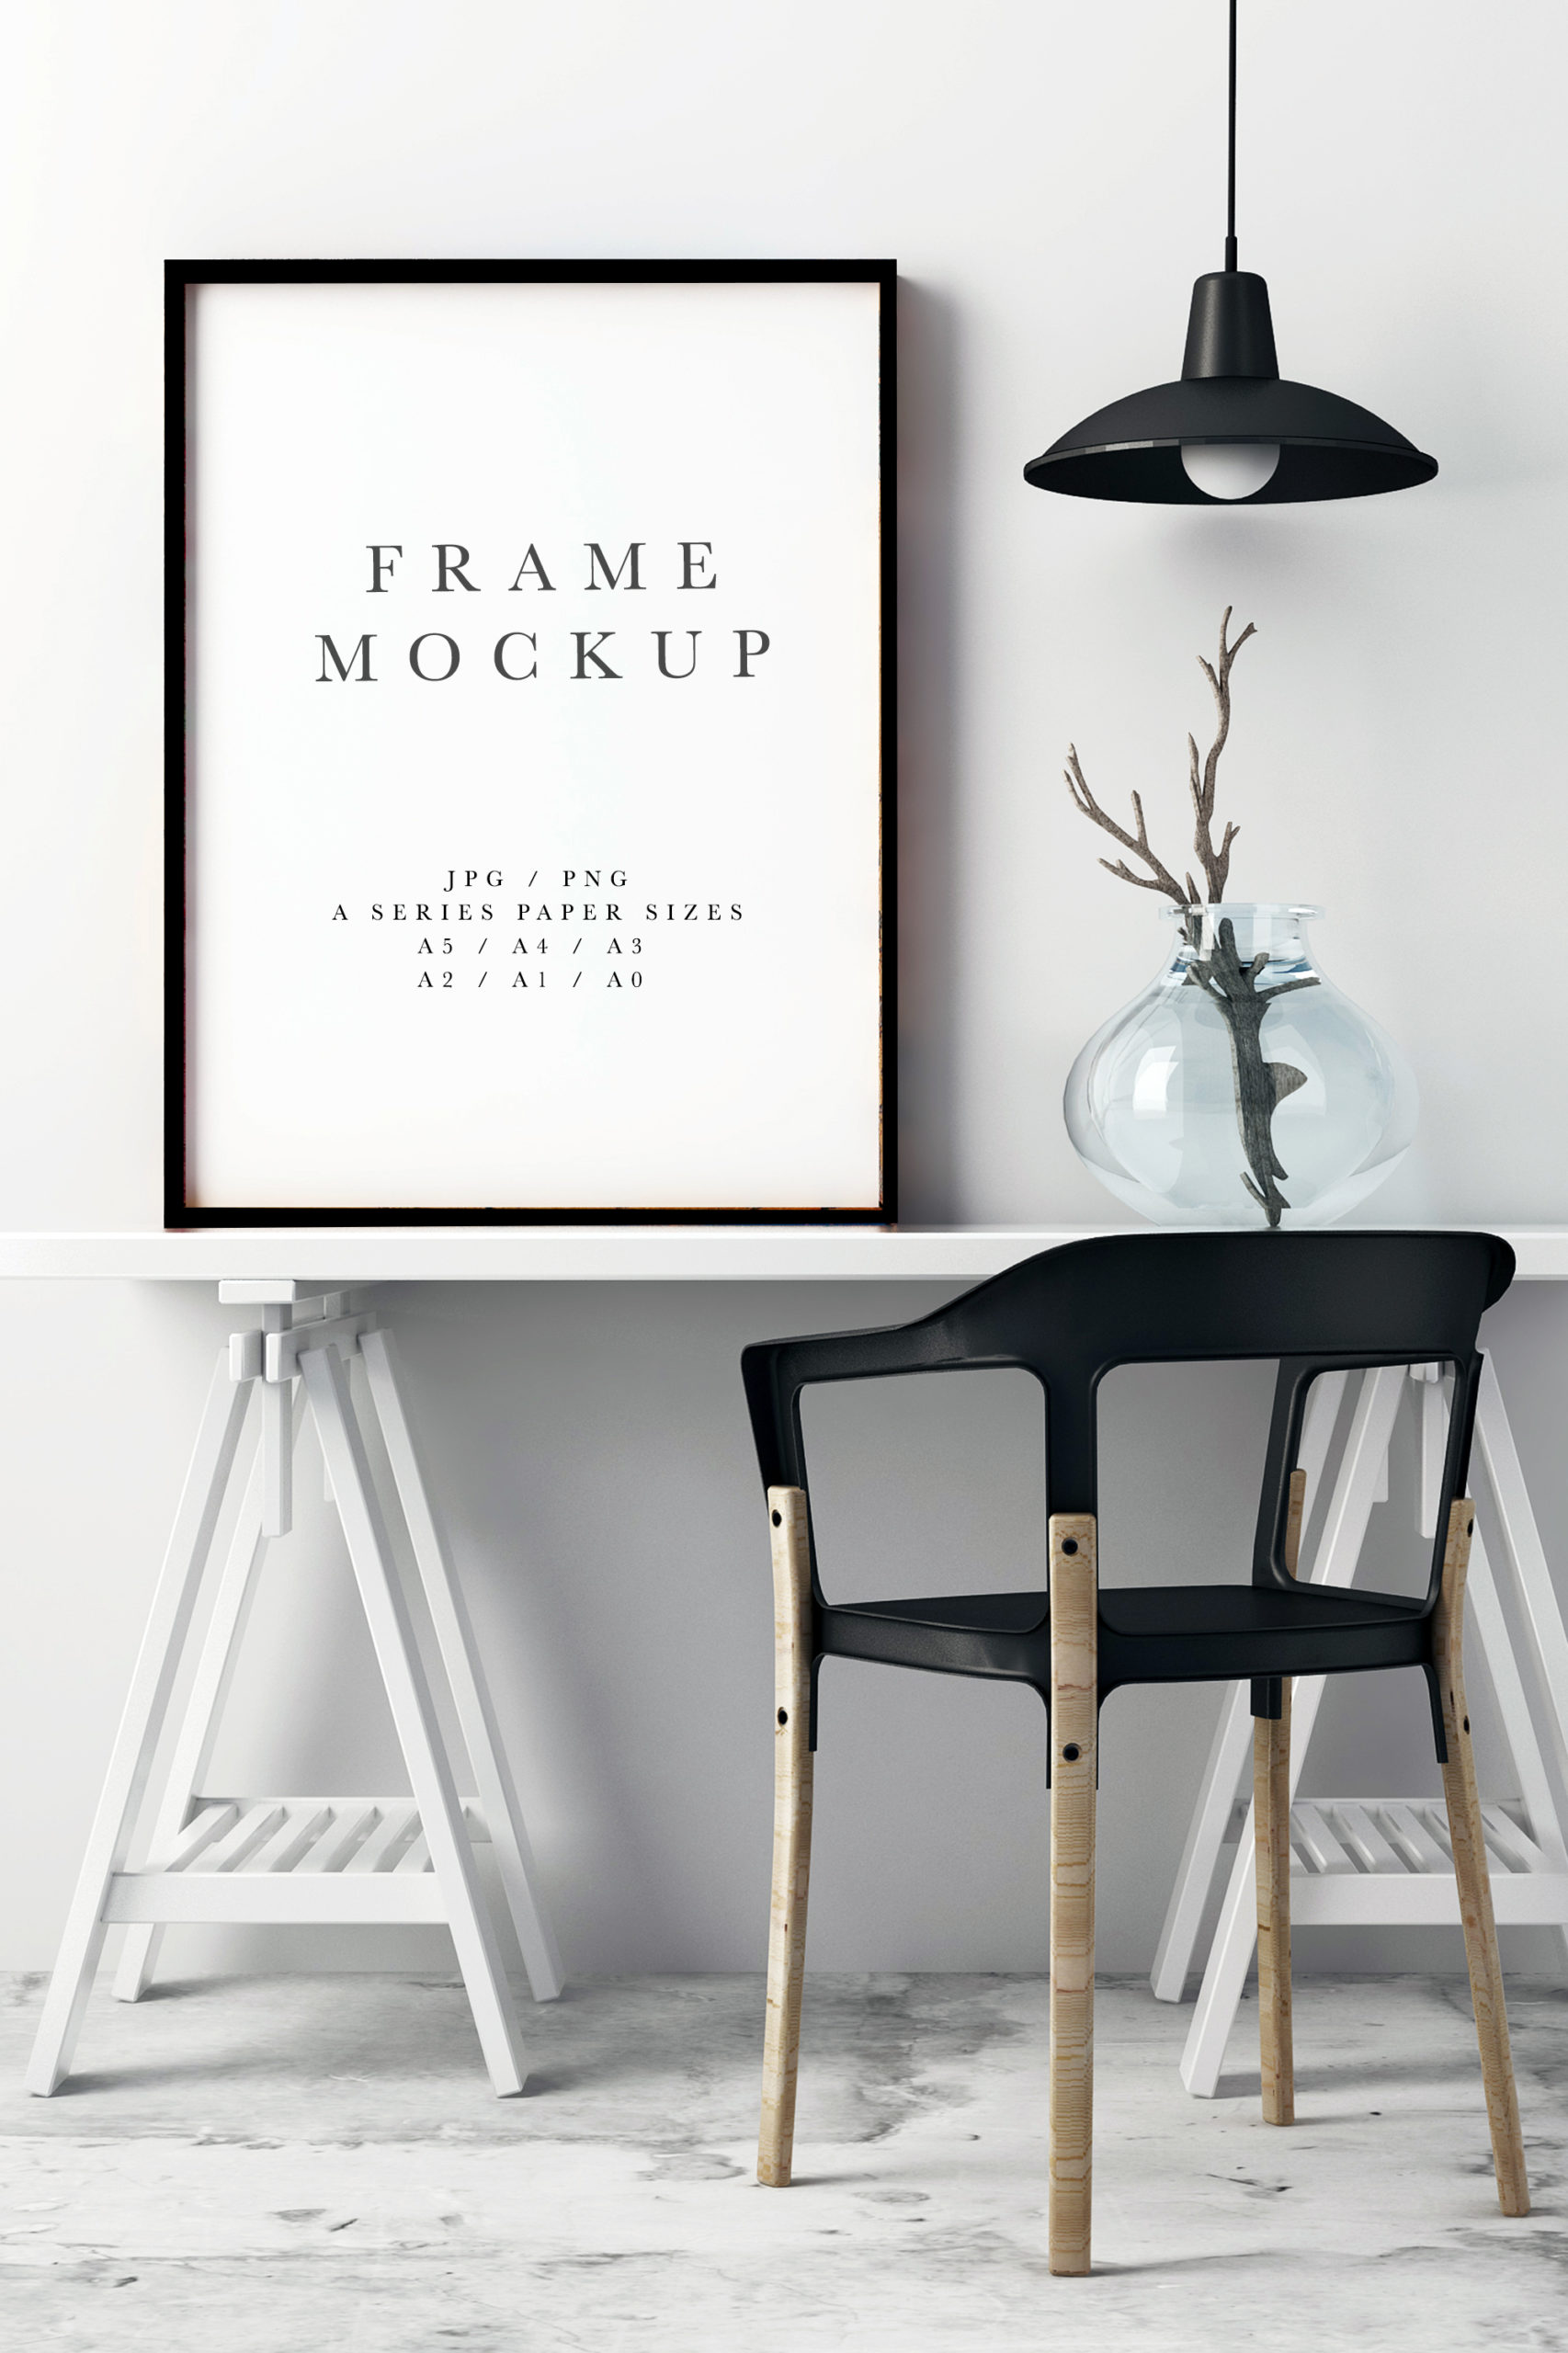 square format Styled frame mockup instagram mockup print display calligraphy photo based mockup elephants black frame portrait